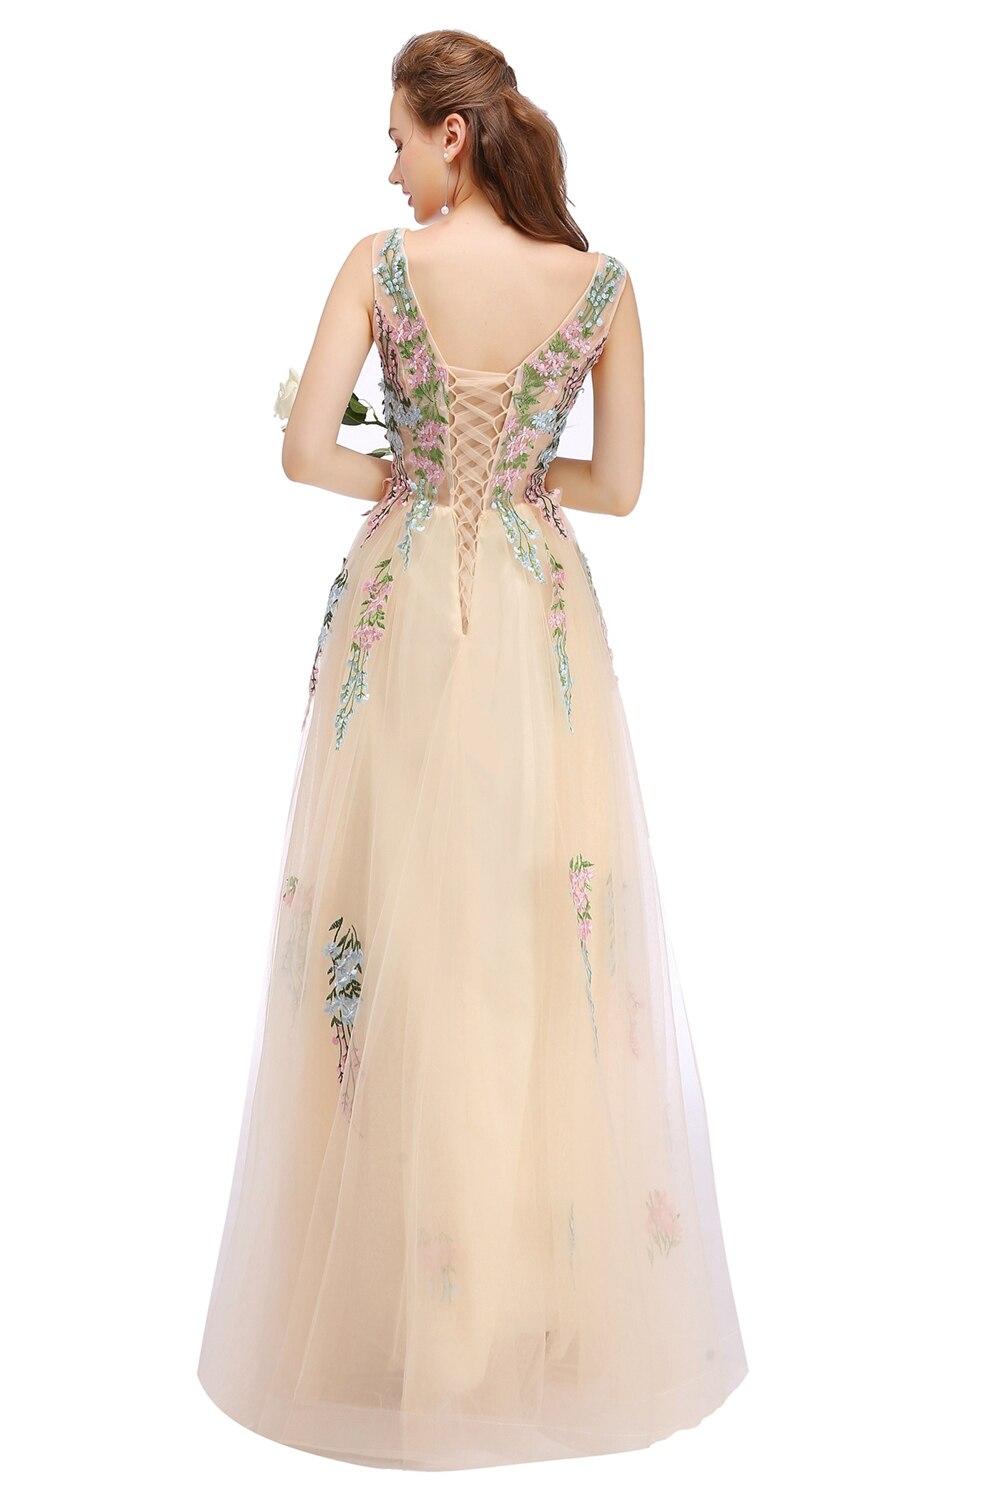 SSYFashion 新シャンパンレース刺繍ロングイブニングドレス花嫁の宴会エレガントなノースリーブ床の長さウエディングパーティードレス  グループ上の ウェディング & イベント からの イブニングドレス の中 2